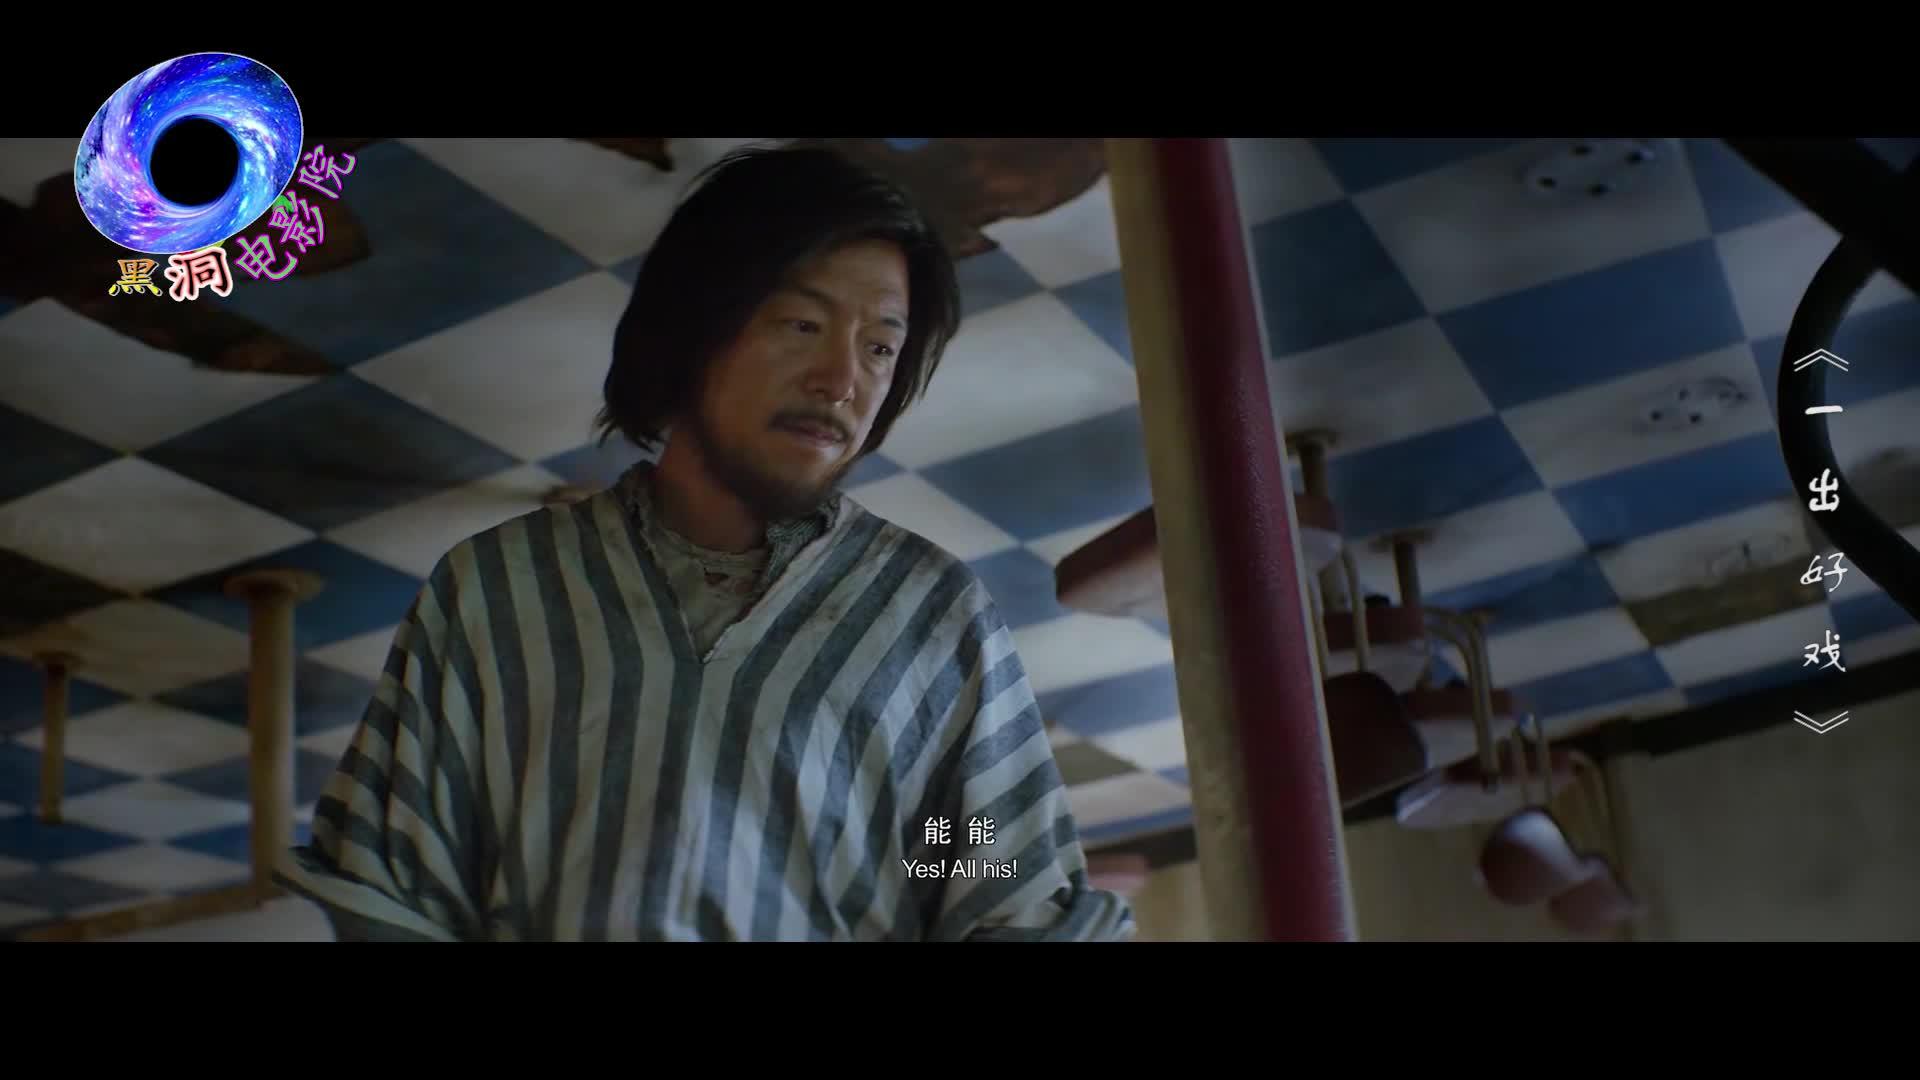 万万没想到,黄渤的《一出好戏》中,最大的惊喜竟然是张艺兴